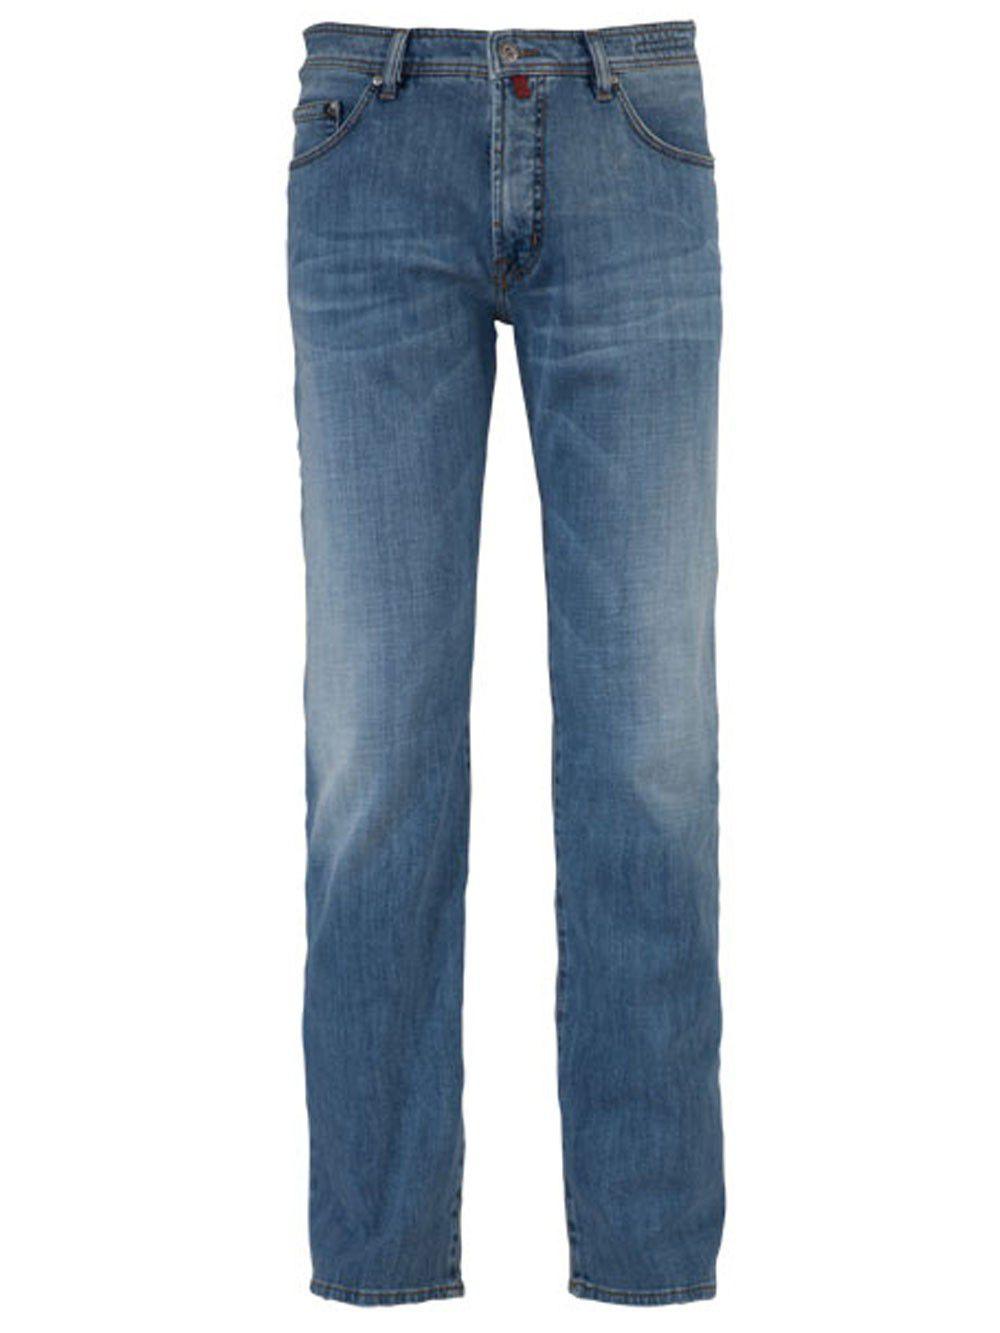 jeans pierre cardin mod le deauville pas cher kebello com. Black Bedroom Furniture Sets. Home Design Ideas